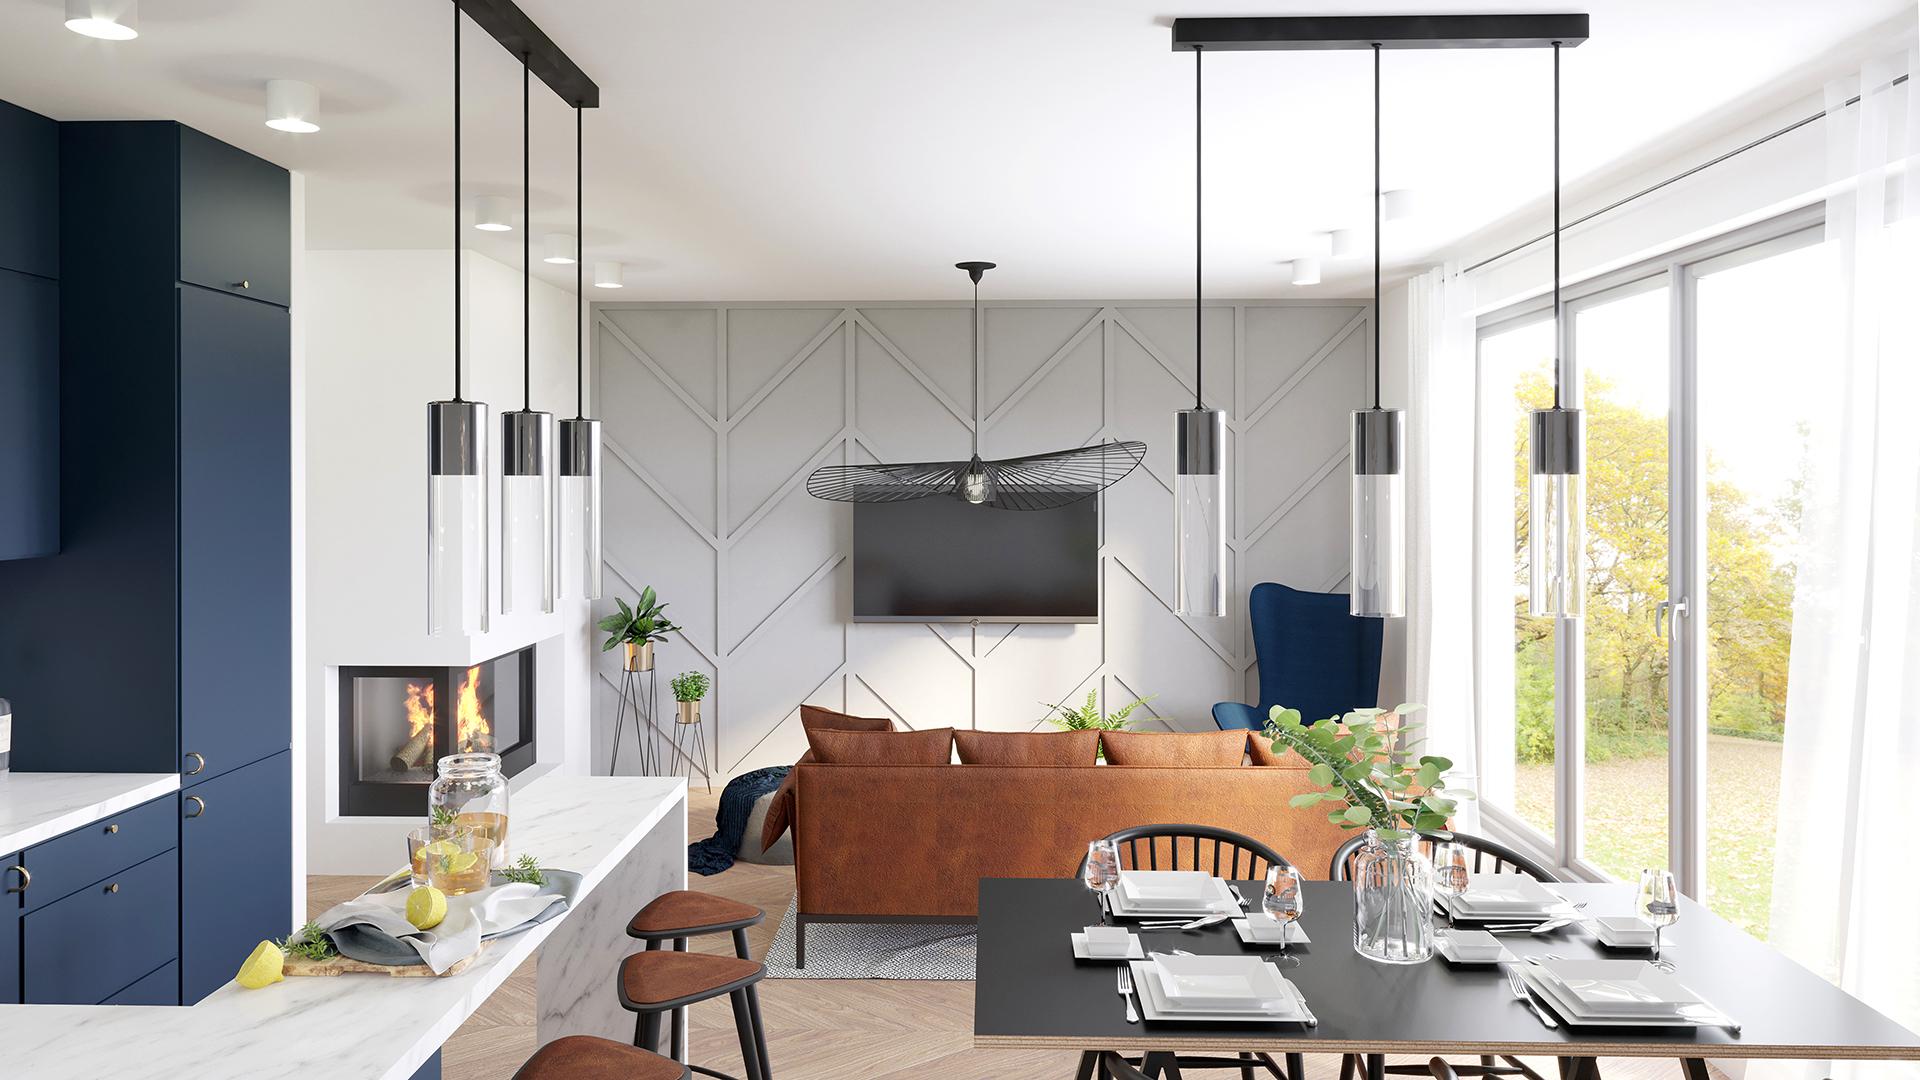 Projekt wnętrz - domy szeregowe, salon, granatowa kuchnia, lampa Vertigo. M2 Architektura Katowice - Pracownia Projektowa Katowice